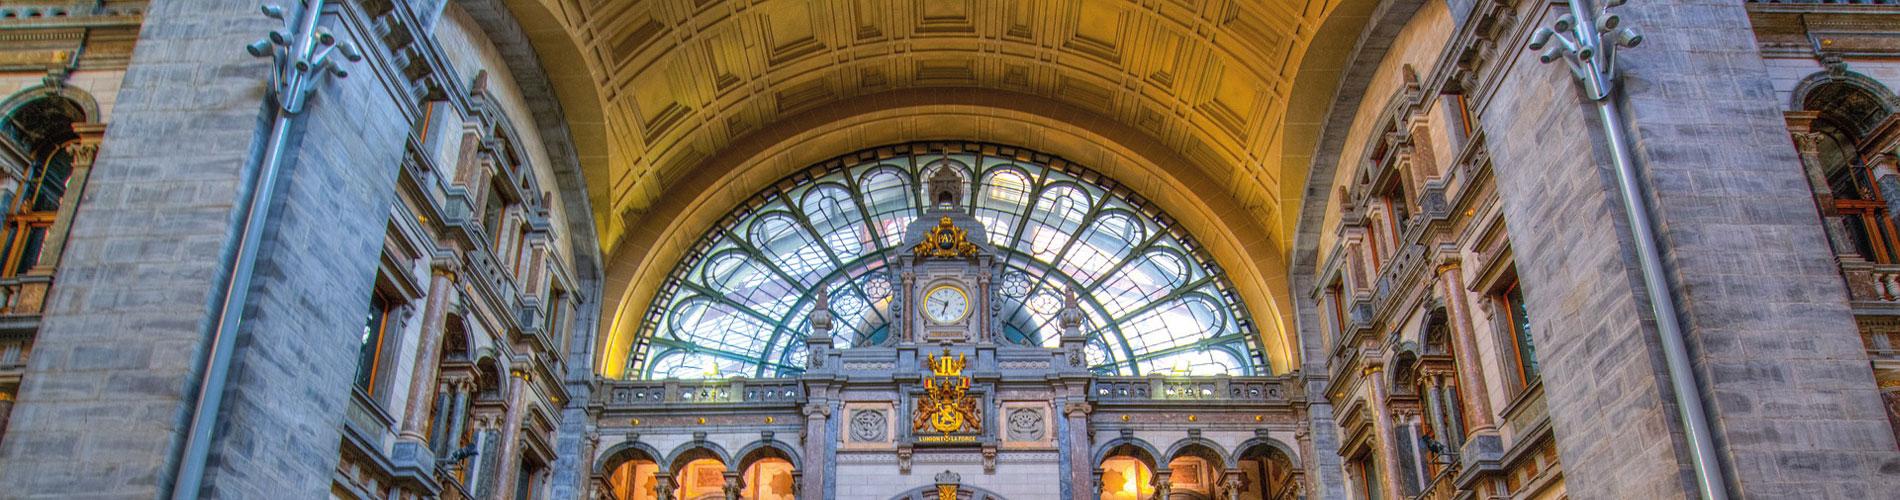 Blog_BelgianBreaks2020_Antwerp_CentralStation_1900x500_Q120